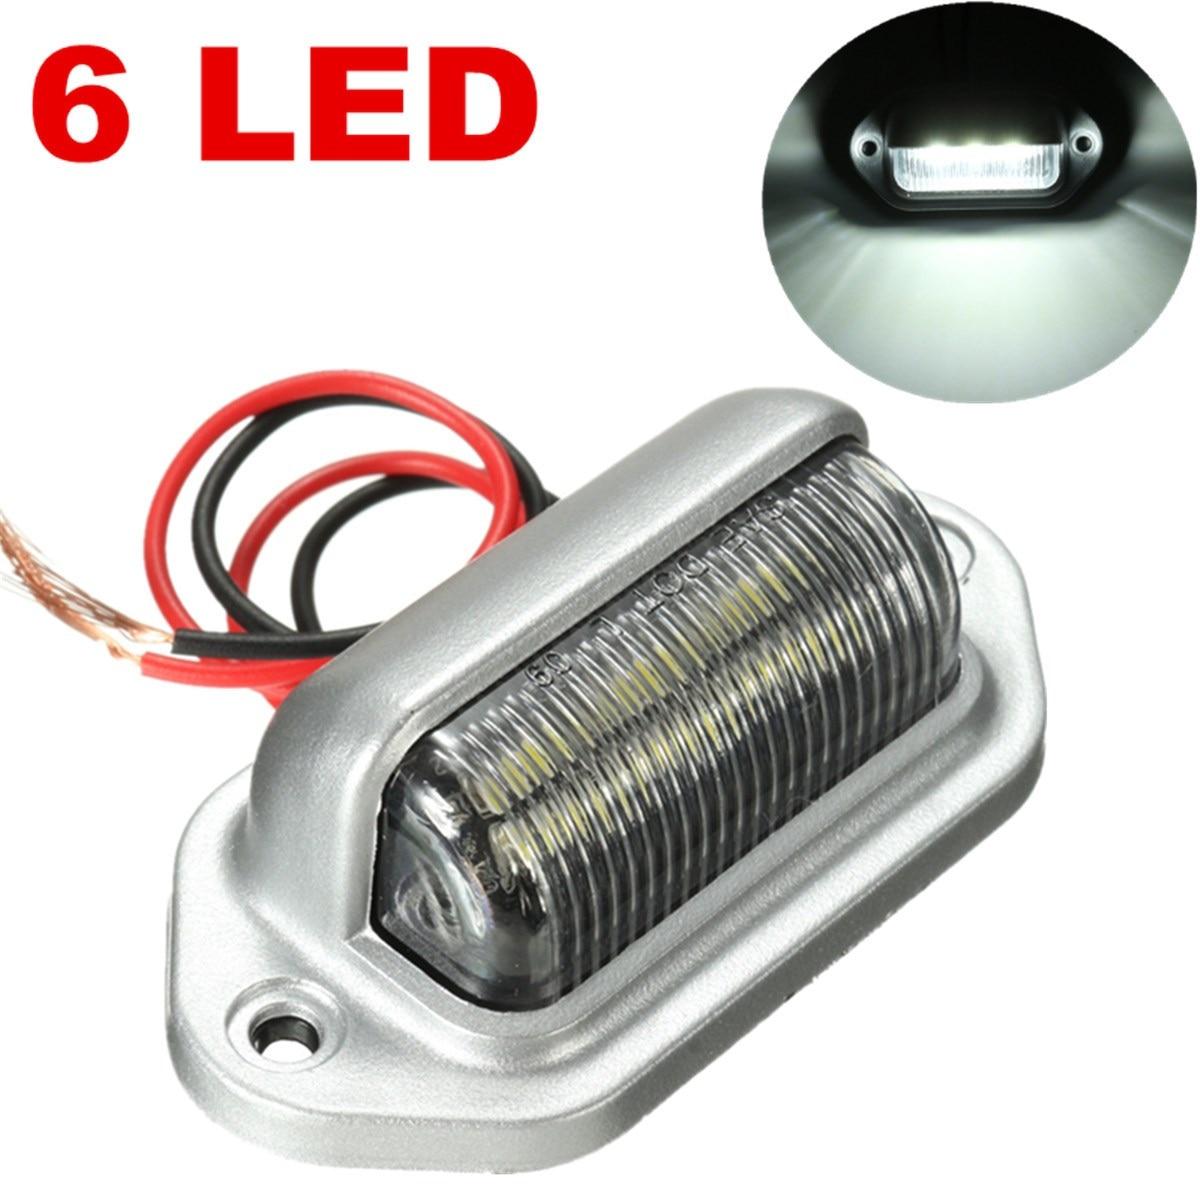 Chrome 6 LEDs License  Number Plate Tag Light Boat Rv Truck Trailer Interior Step White Lamp 12V 2pcs truck light 4 leds lamp